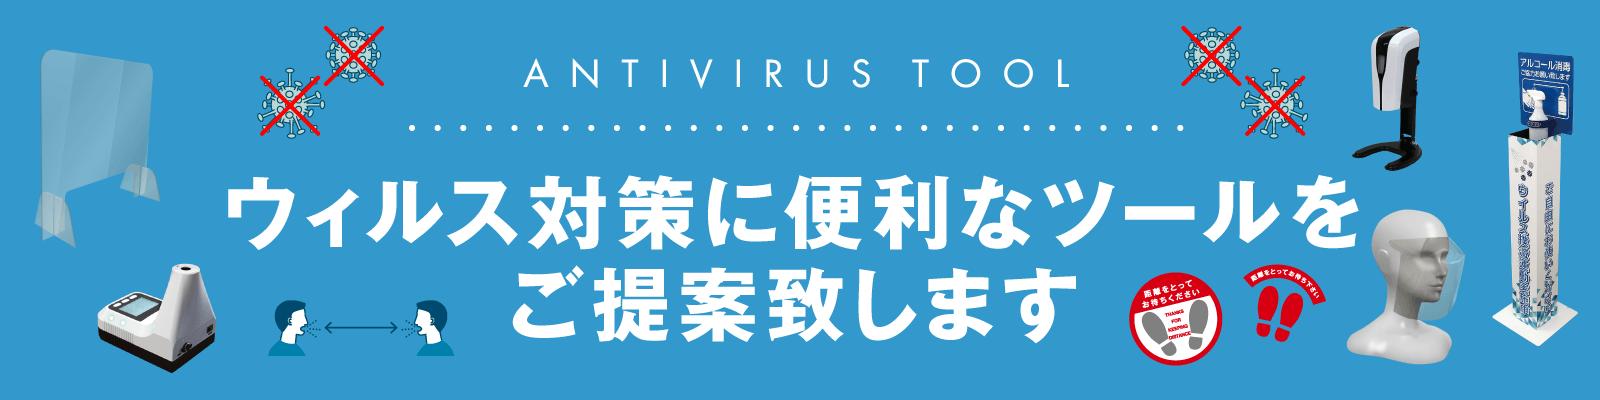 ウィルス対策に便利なツールをご提案致します